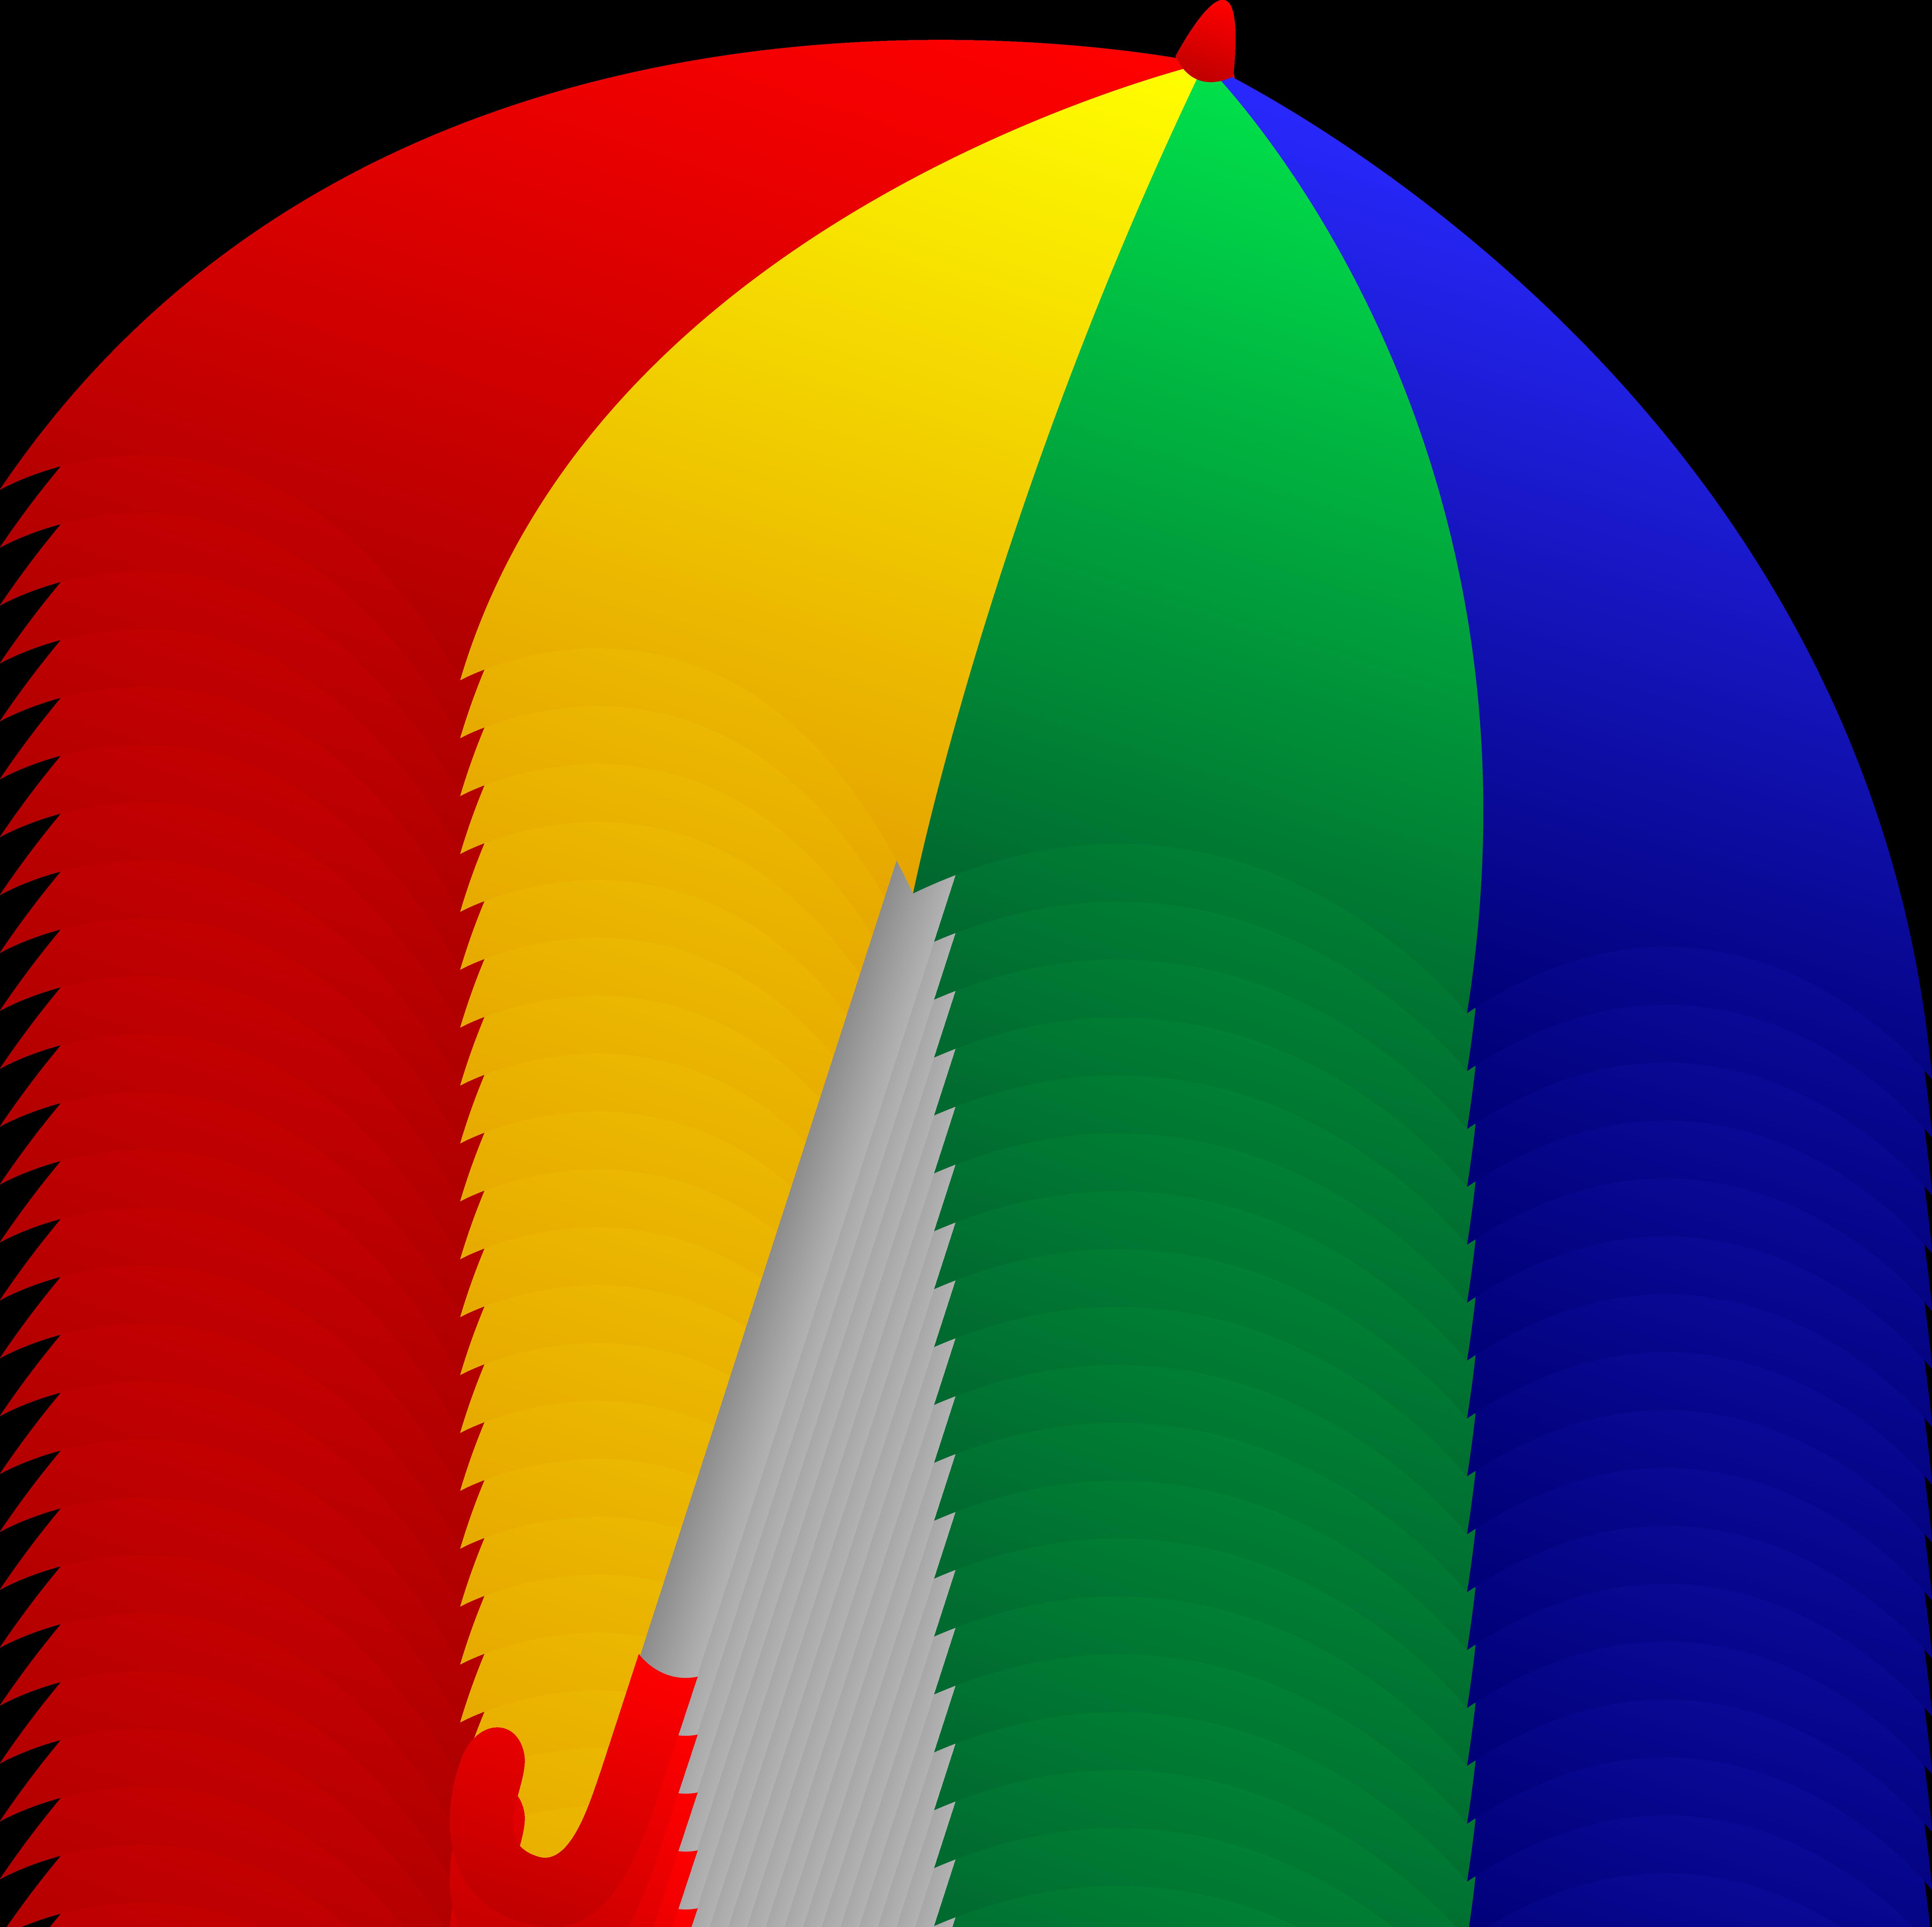 Umbrella Clip Art Free Download.